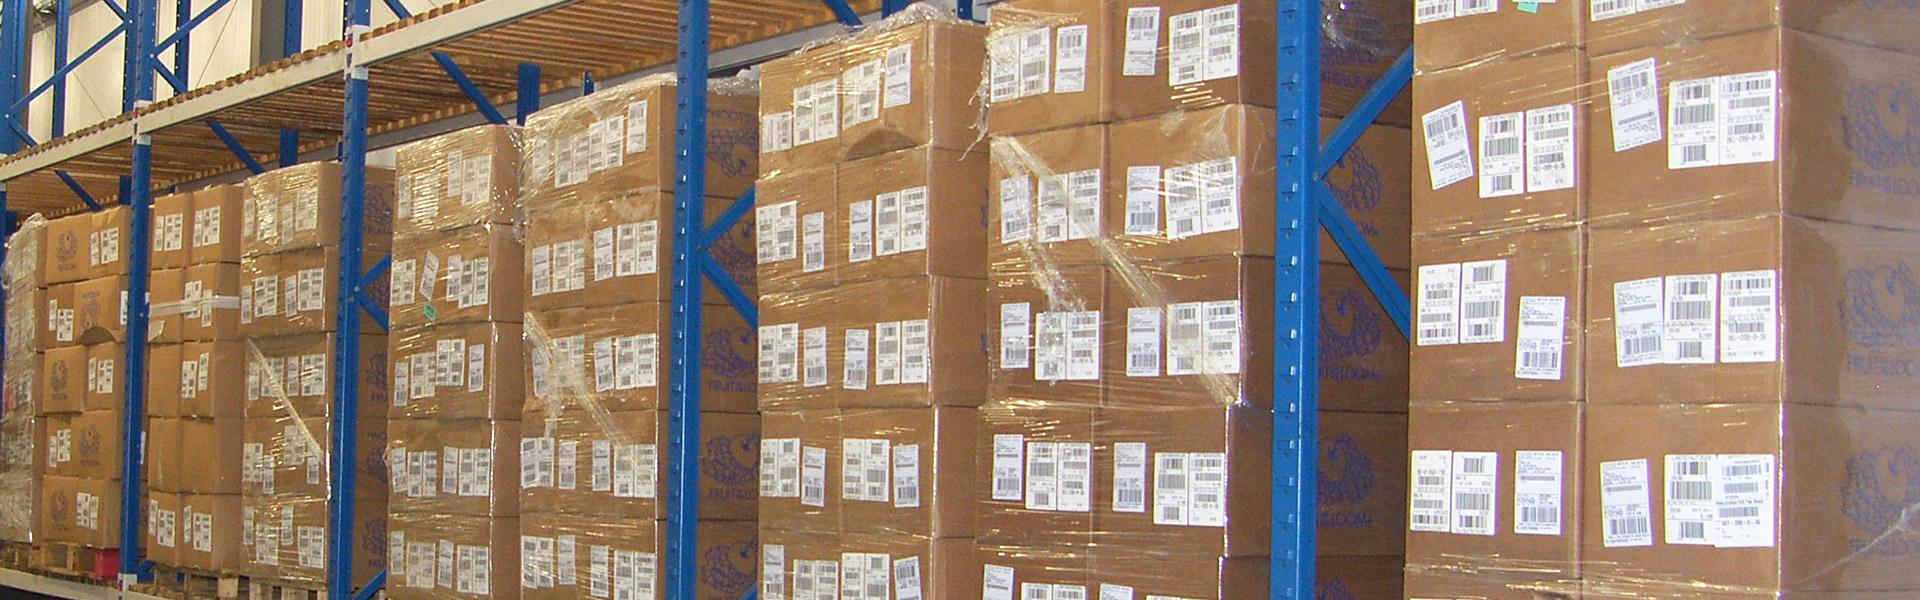 http://www.t-print.co.uk/uploads//images/header//packaging.jpg